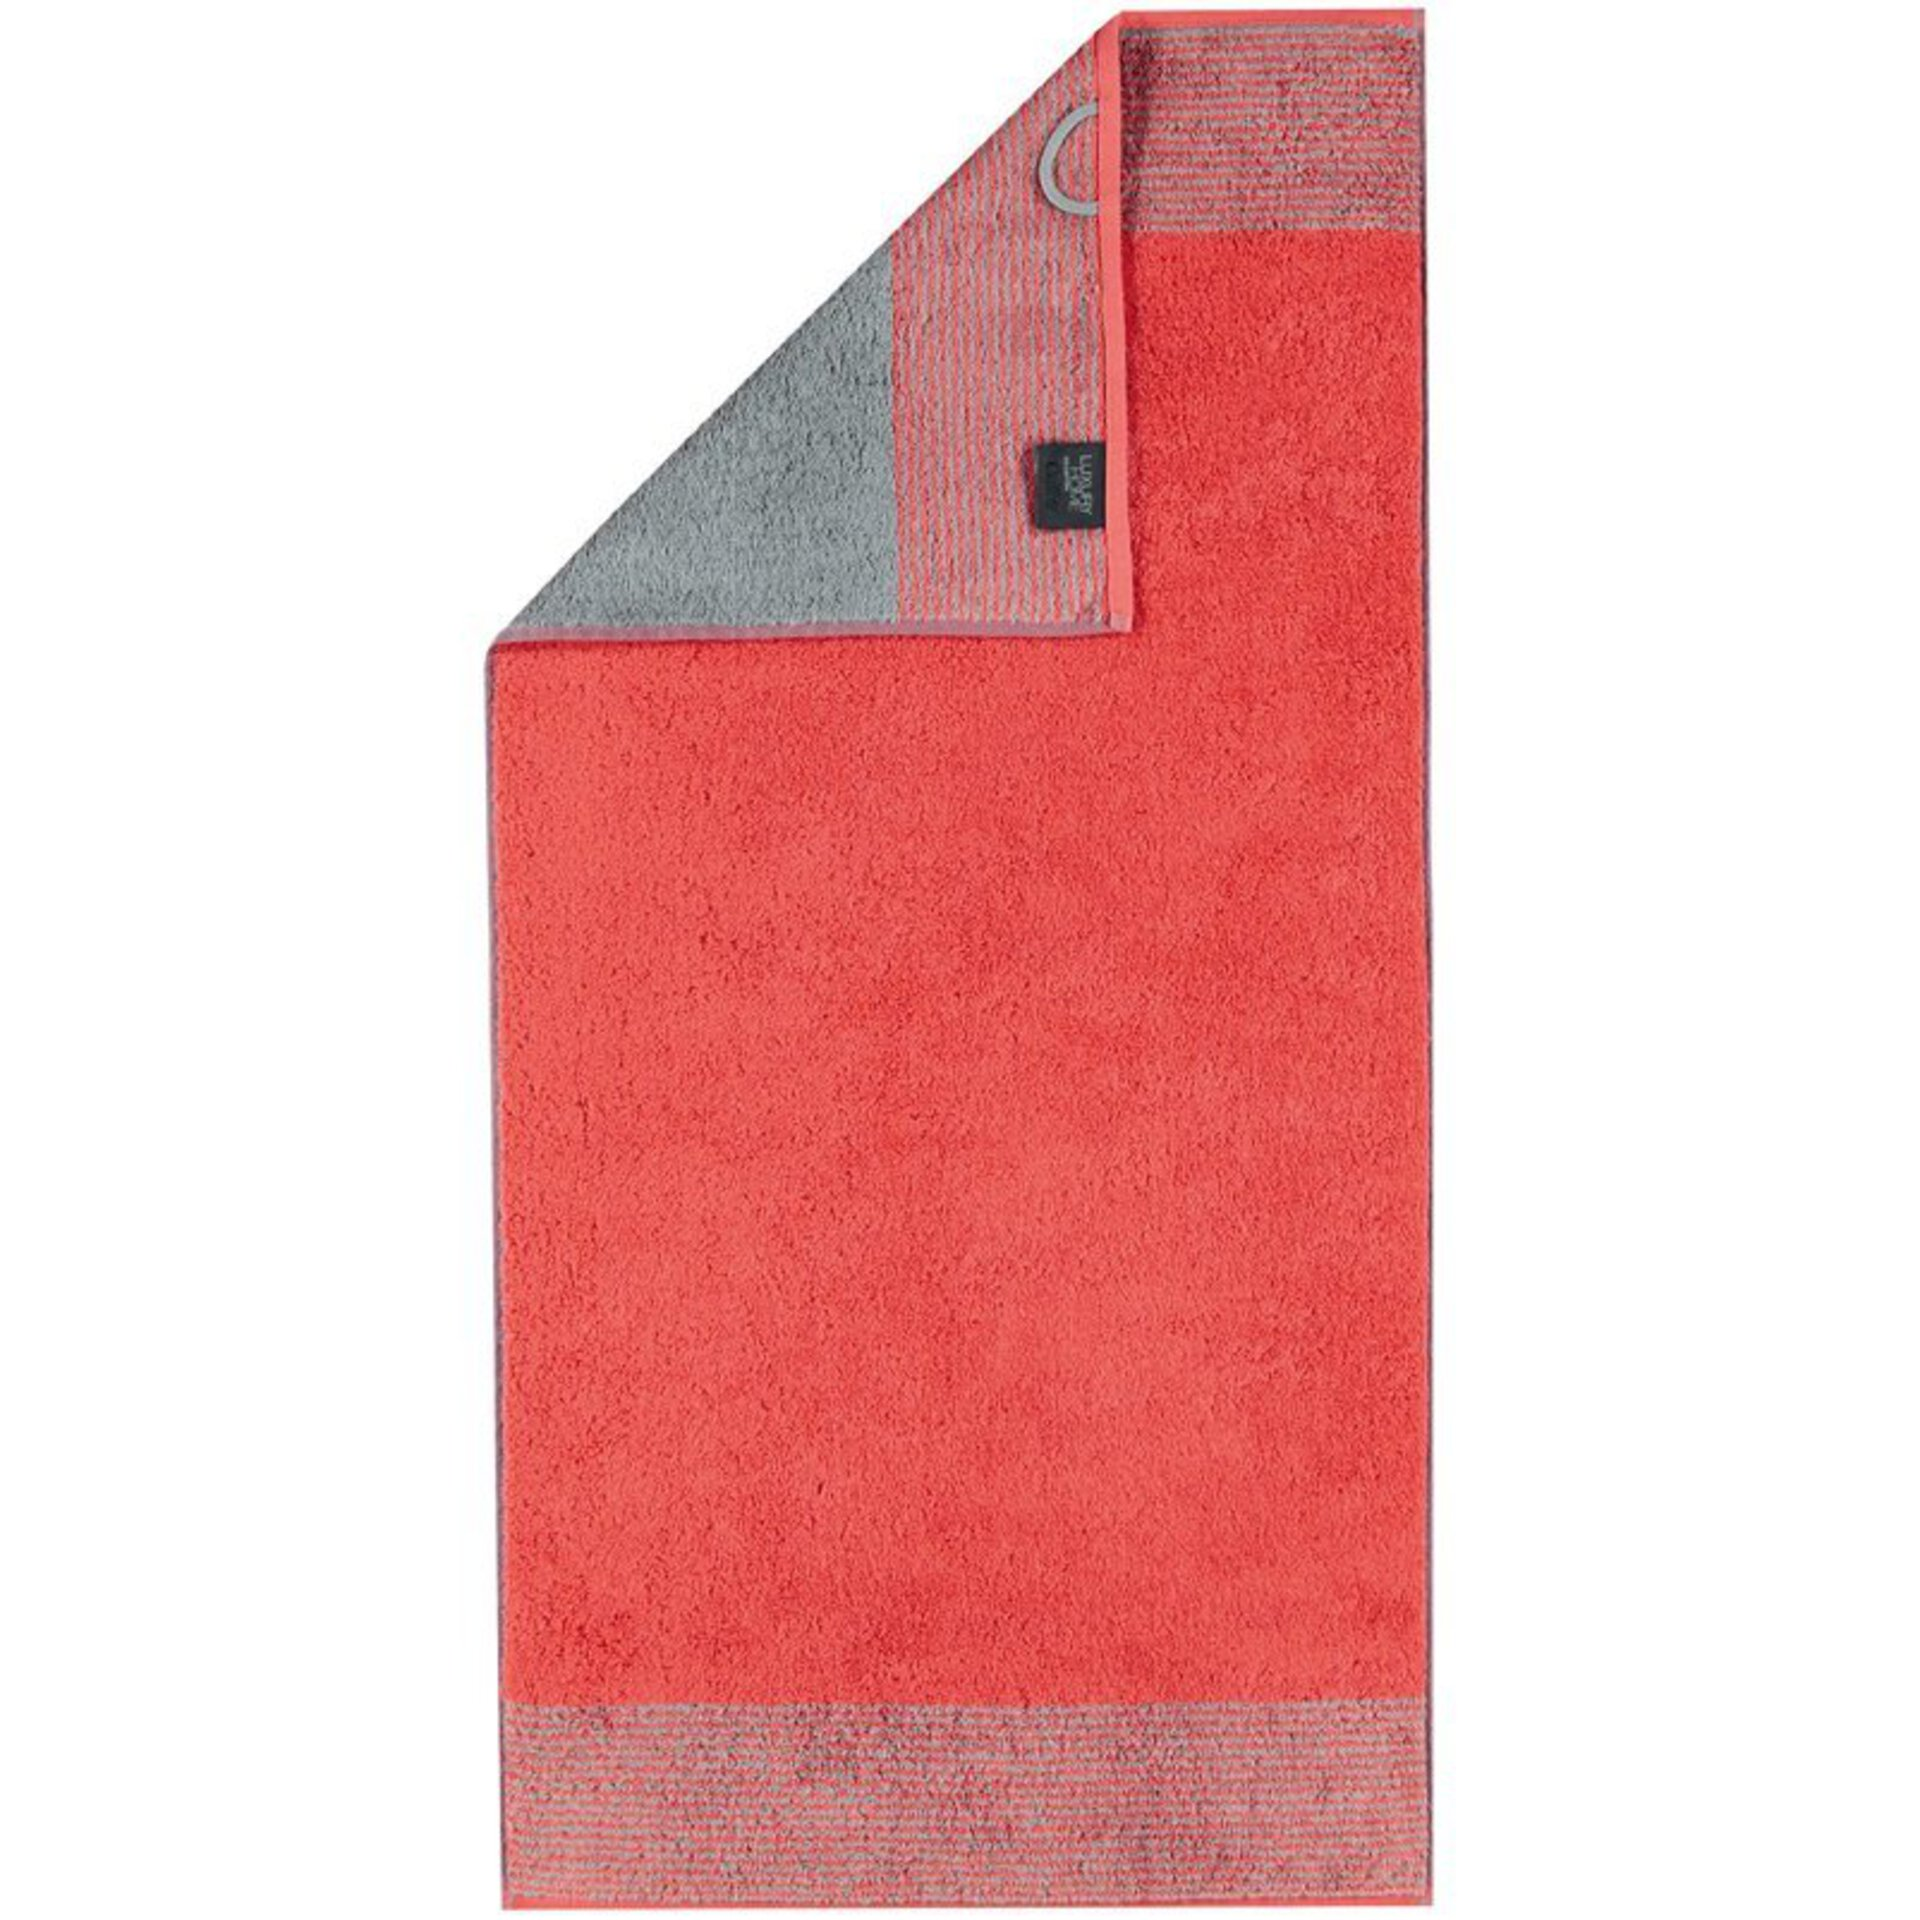 Handtuch Two-Tone Cawö Textil 50 x 100 cm